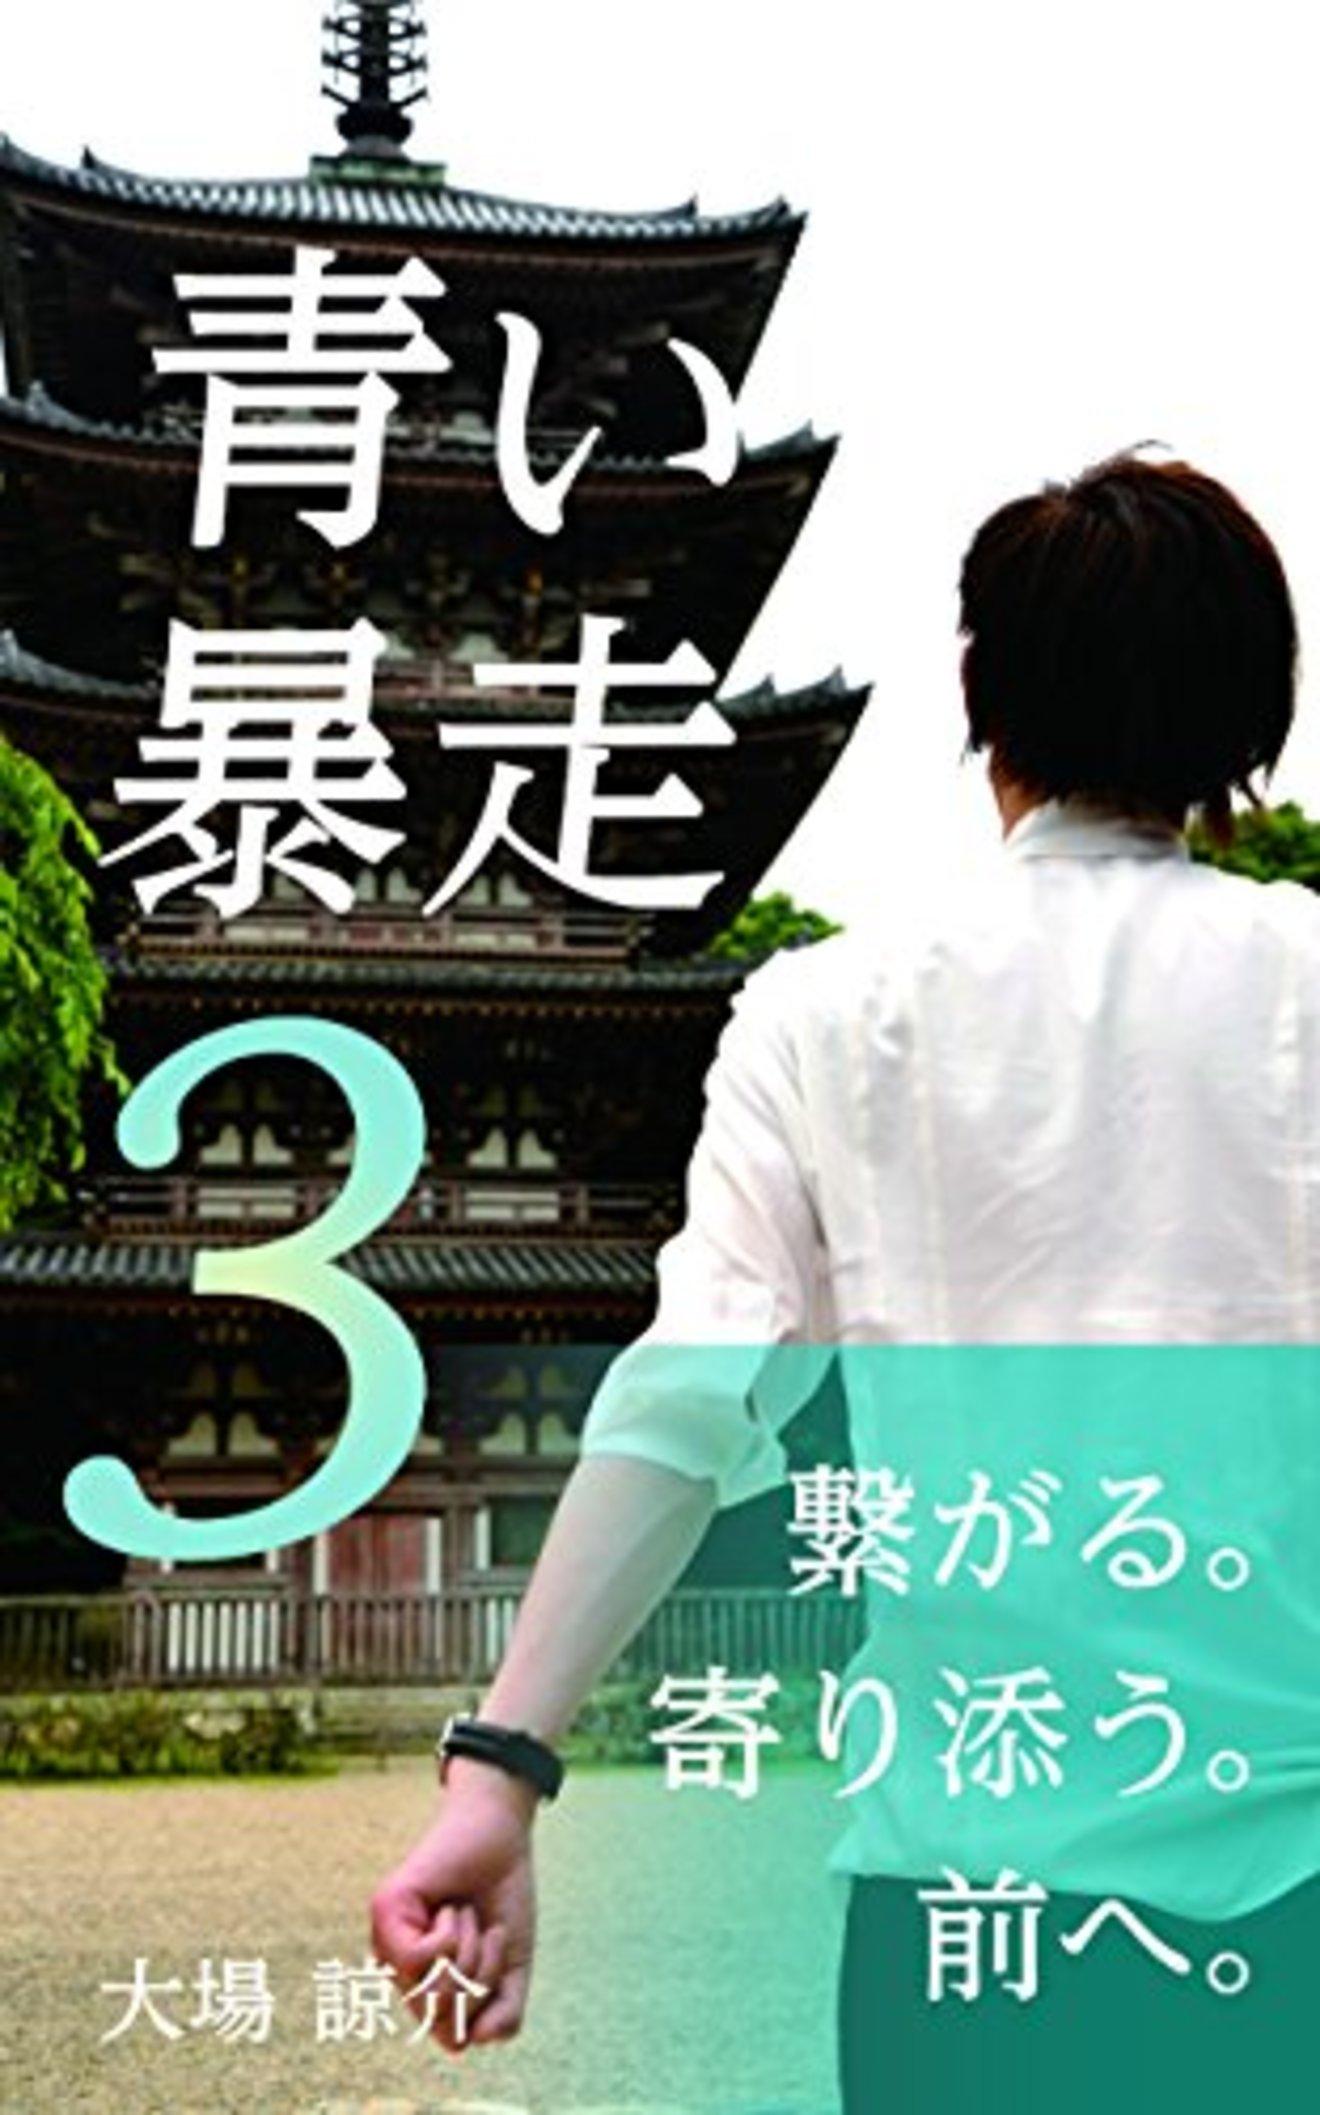 【連載小説】「ロマンティックが終わる時」第10話【毎朝6時更新】